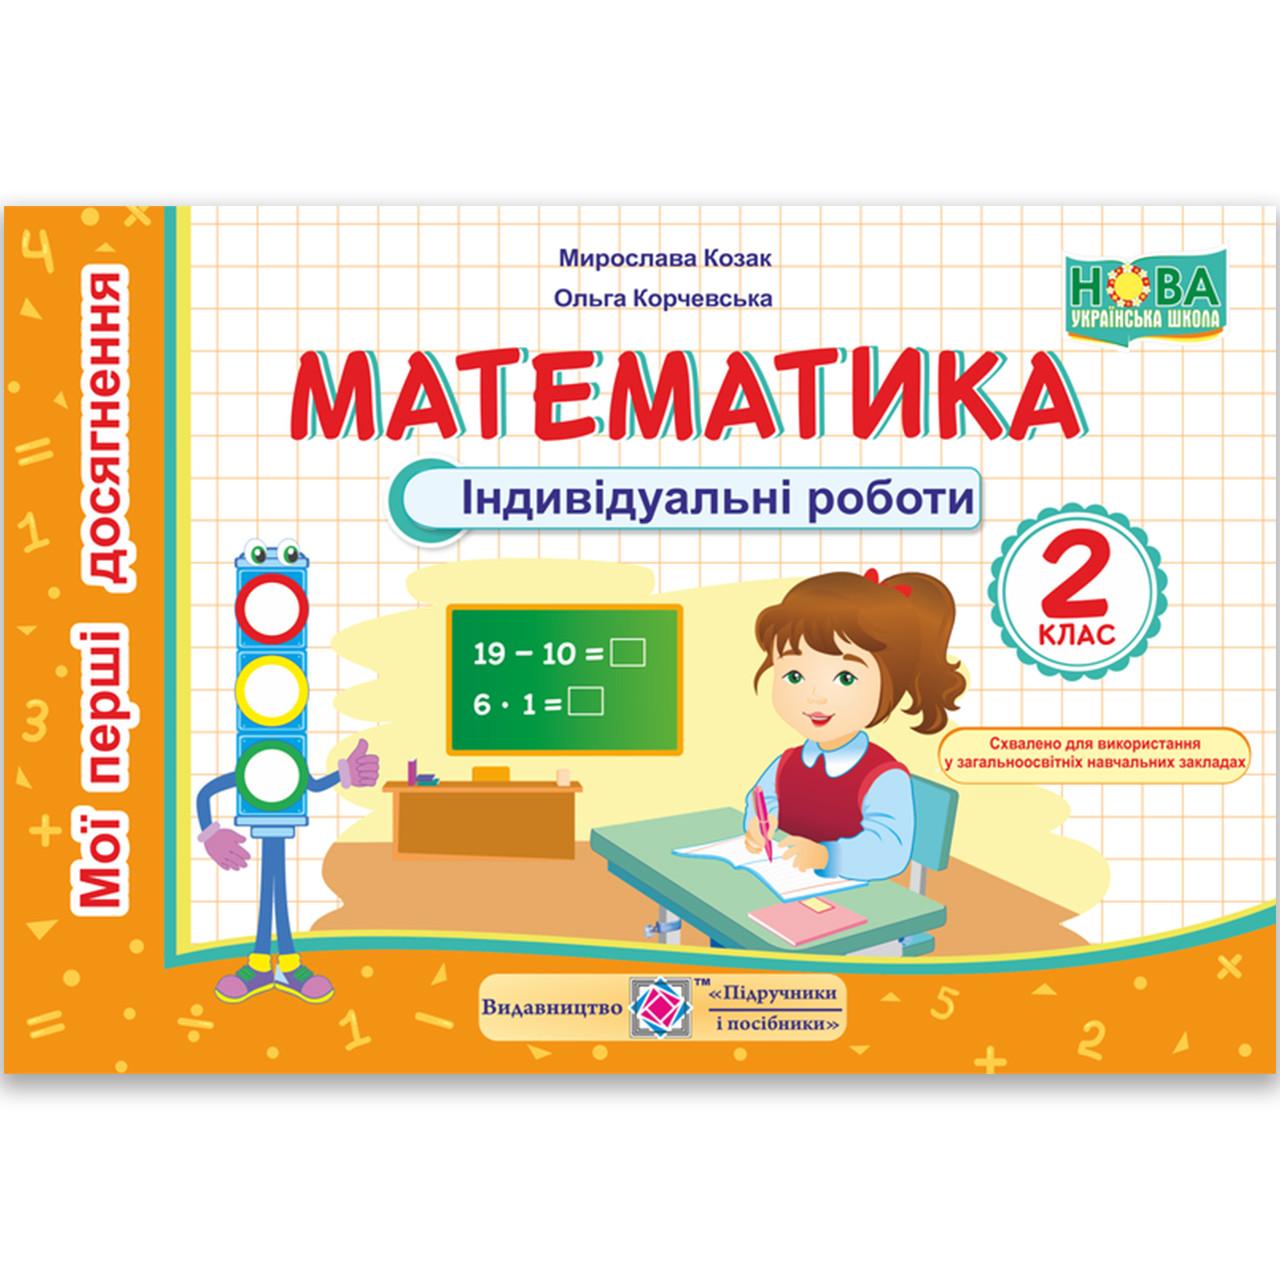 Індивідуальні роботи Математика 2 клас Авт: Козак М. Вид: Підручники і Посібники